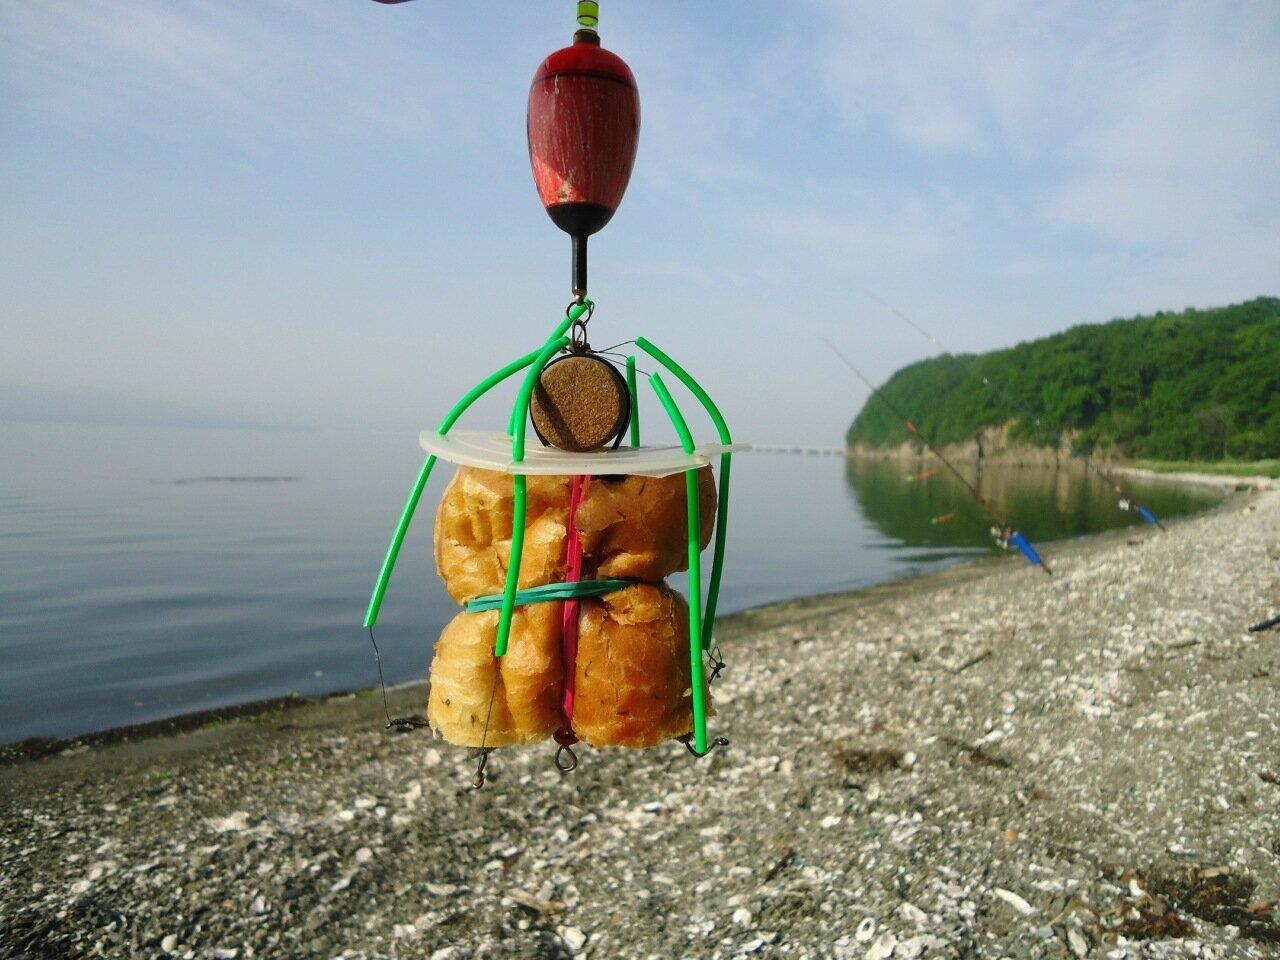 Рыбалка без границ ловля карпа и толстолобика Рыбалка всегда будет удачной